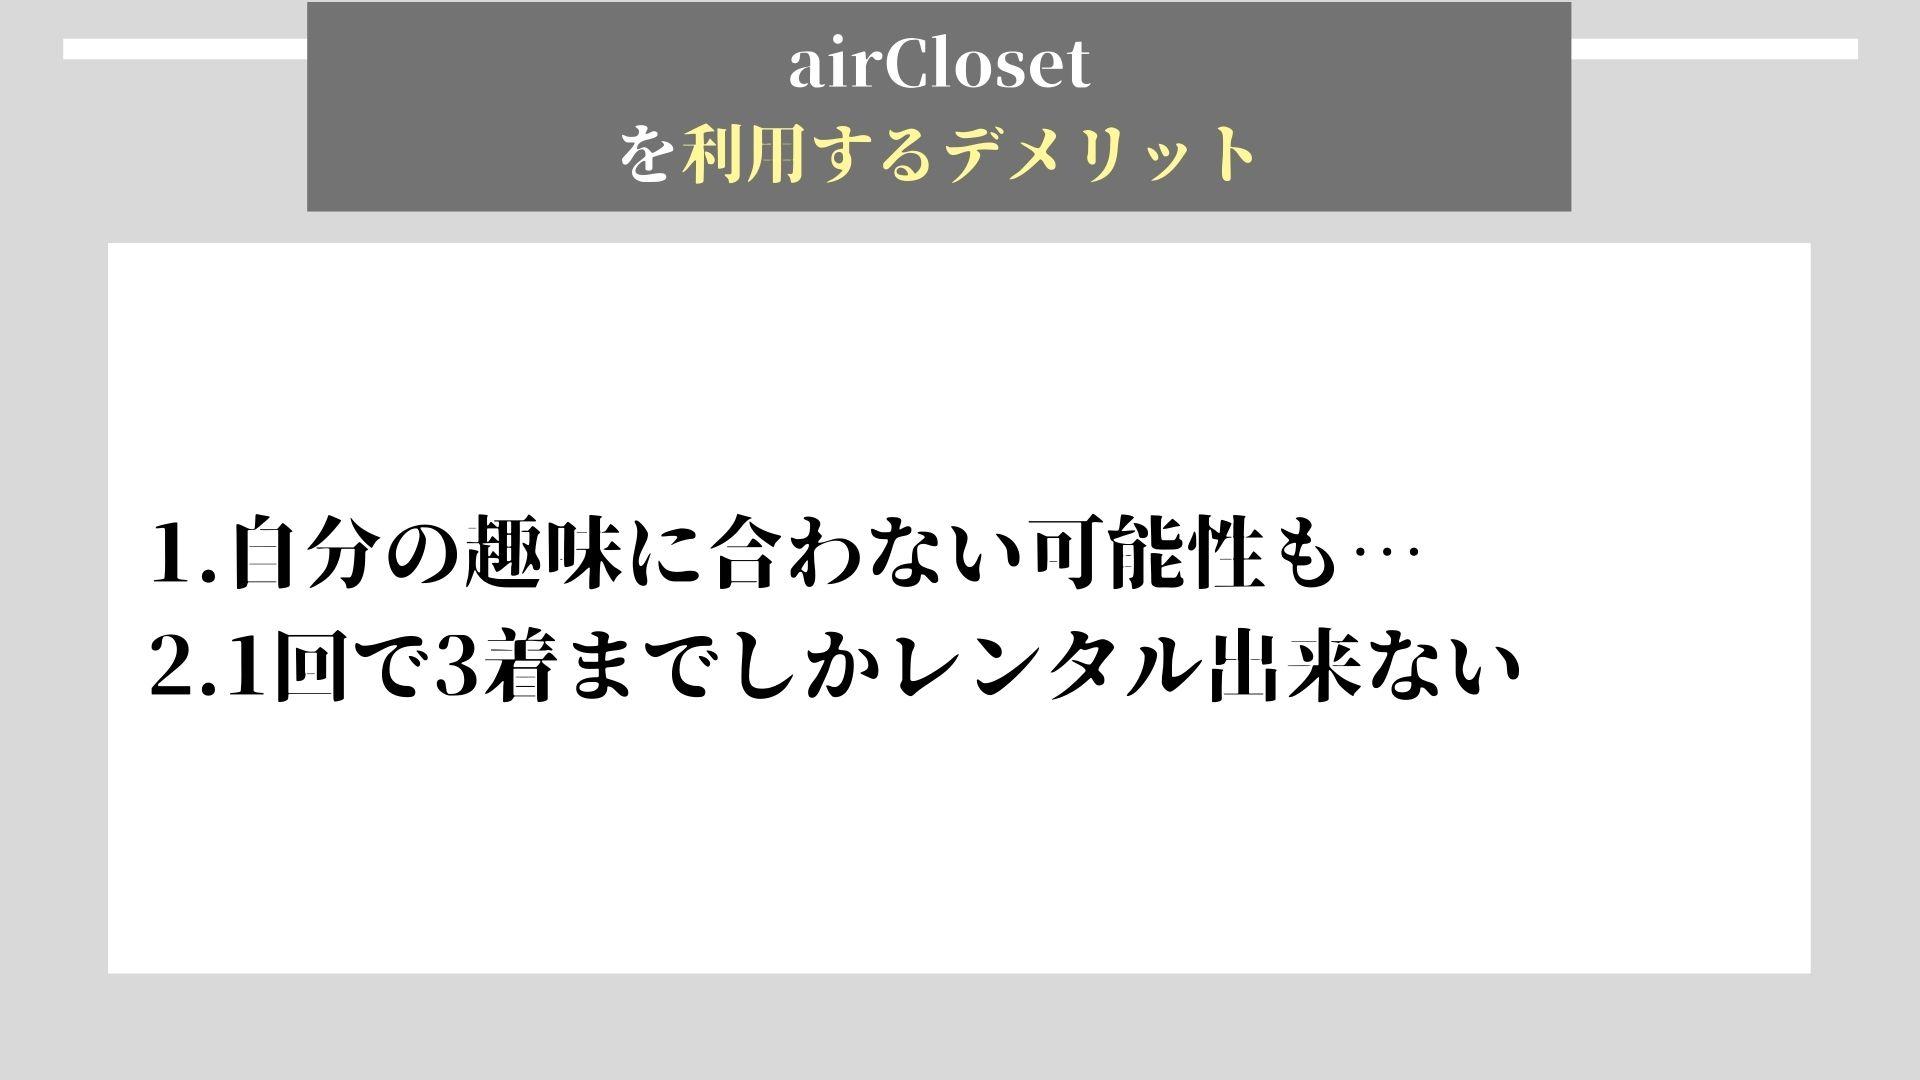 aircloset デメリット